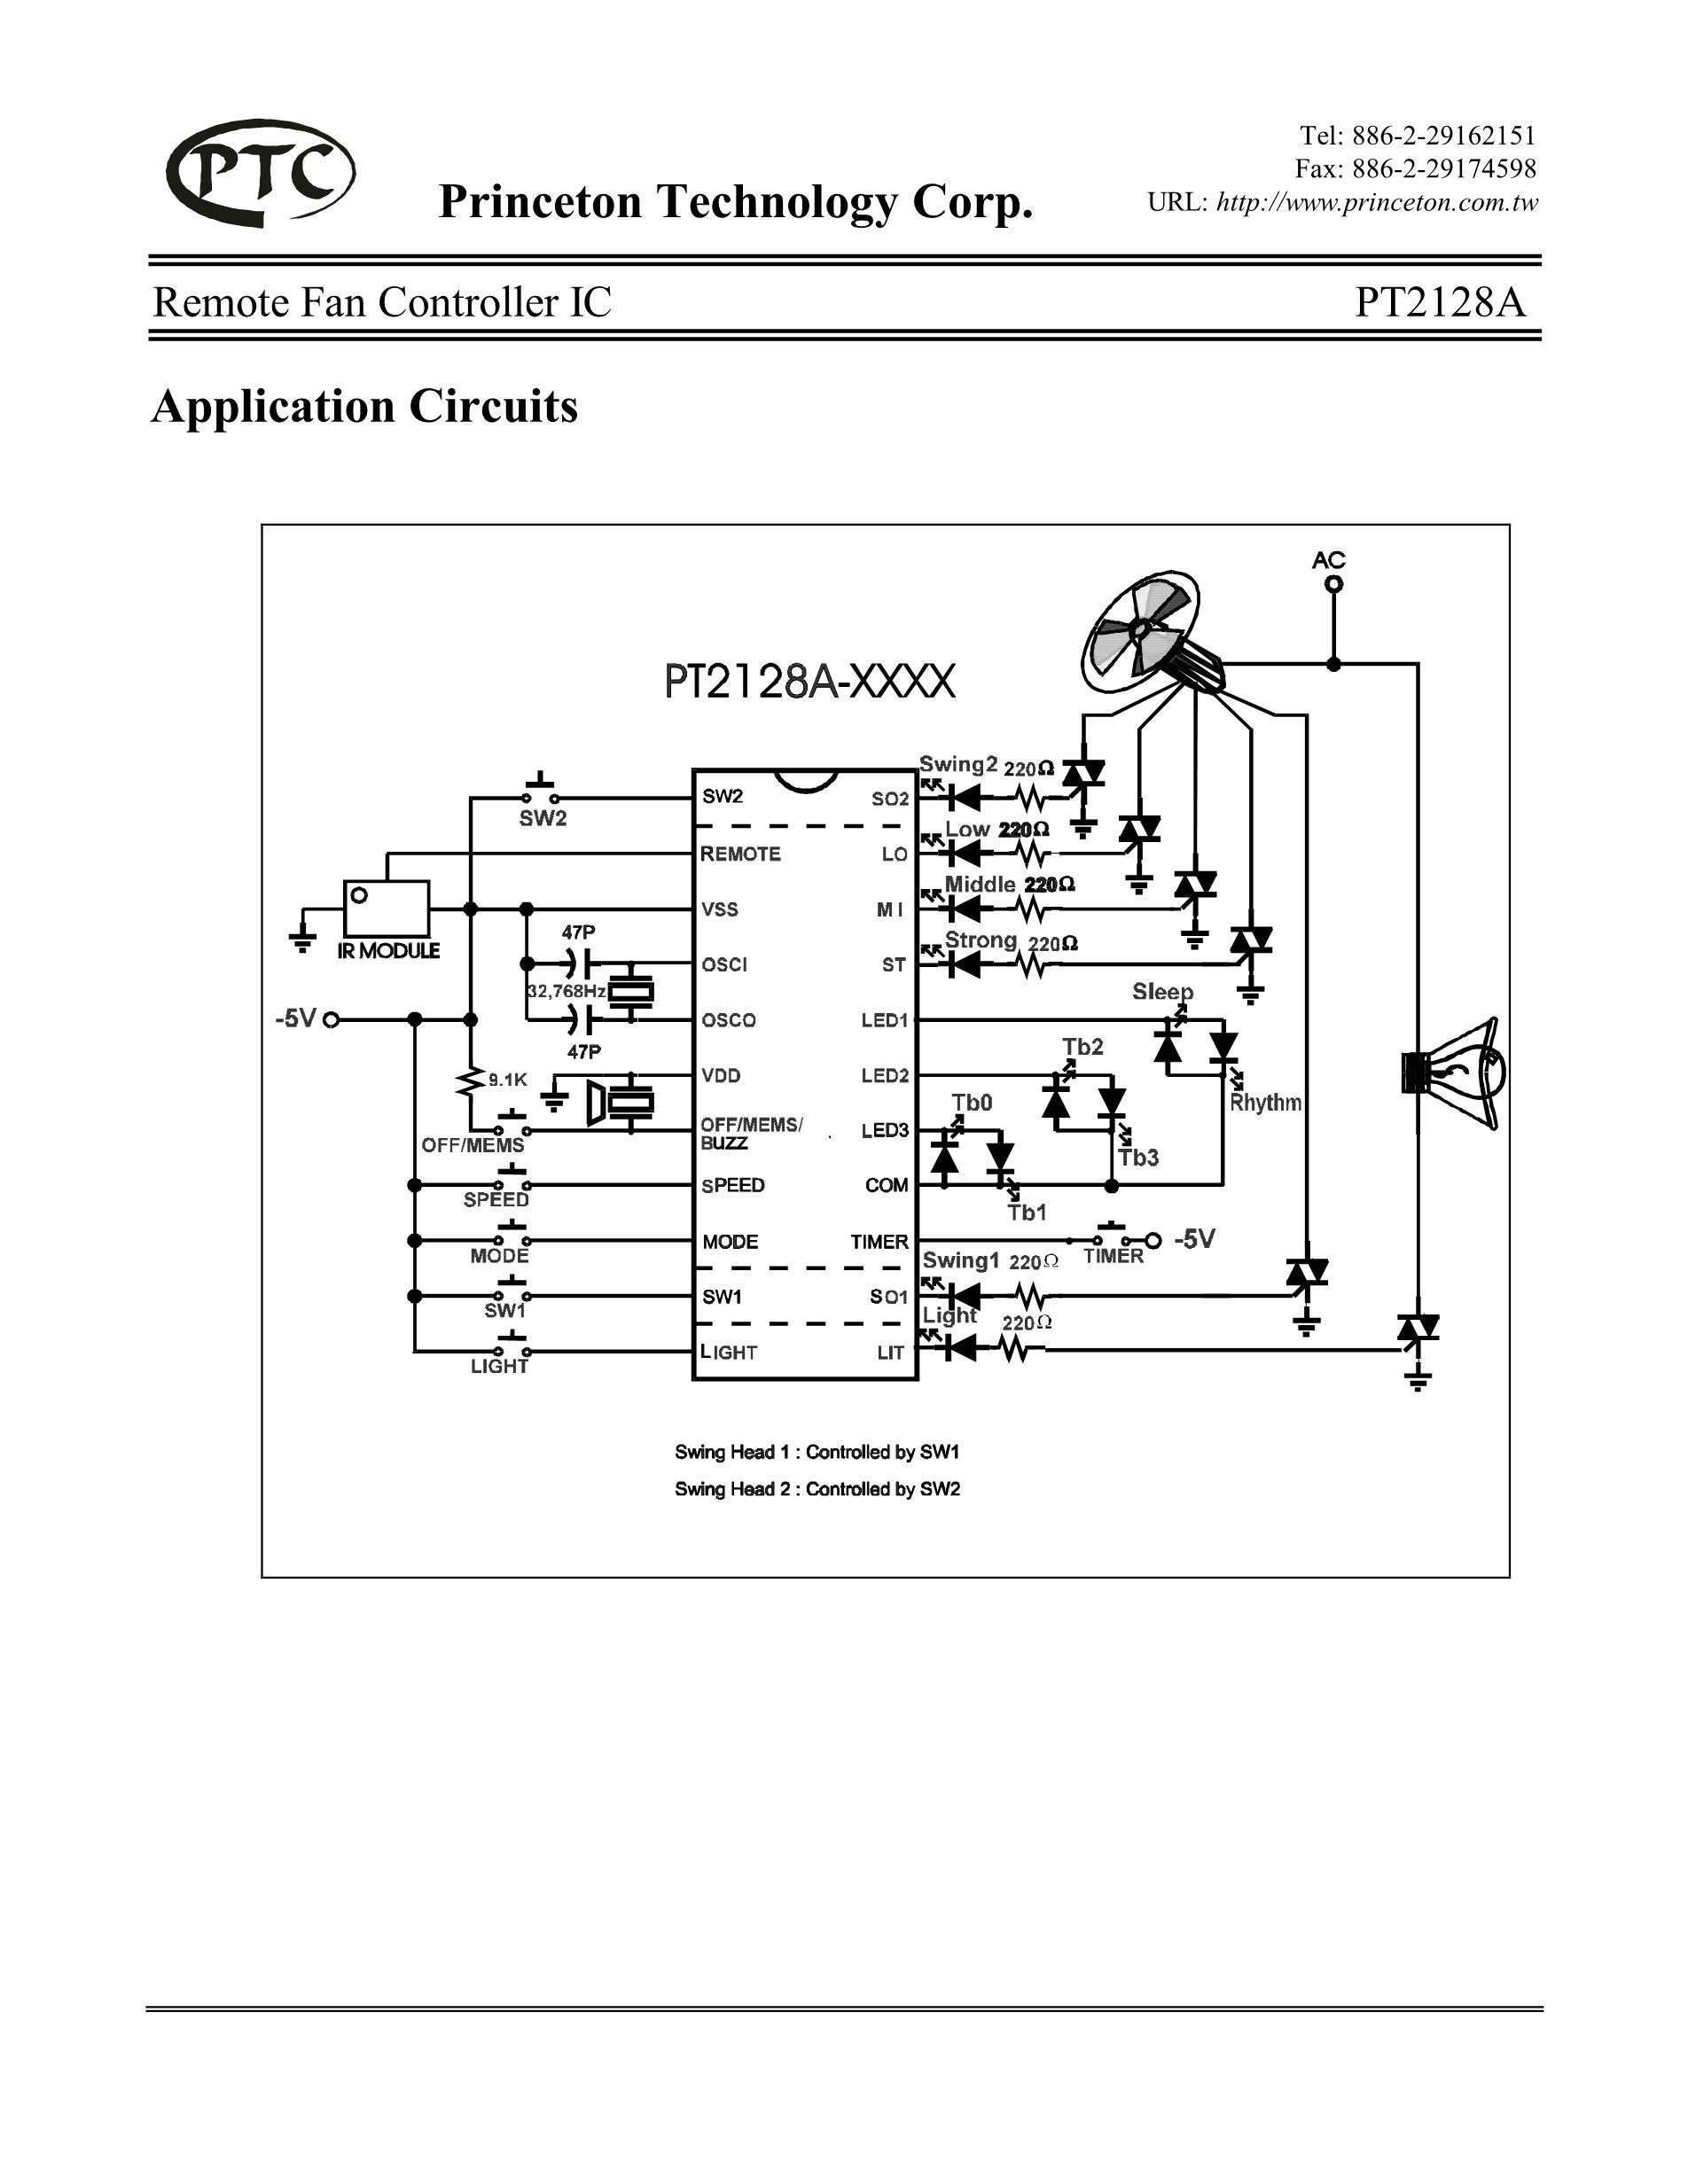 21281EB's pdf picture 3